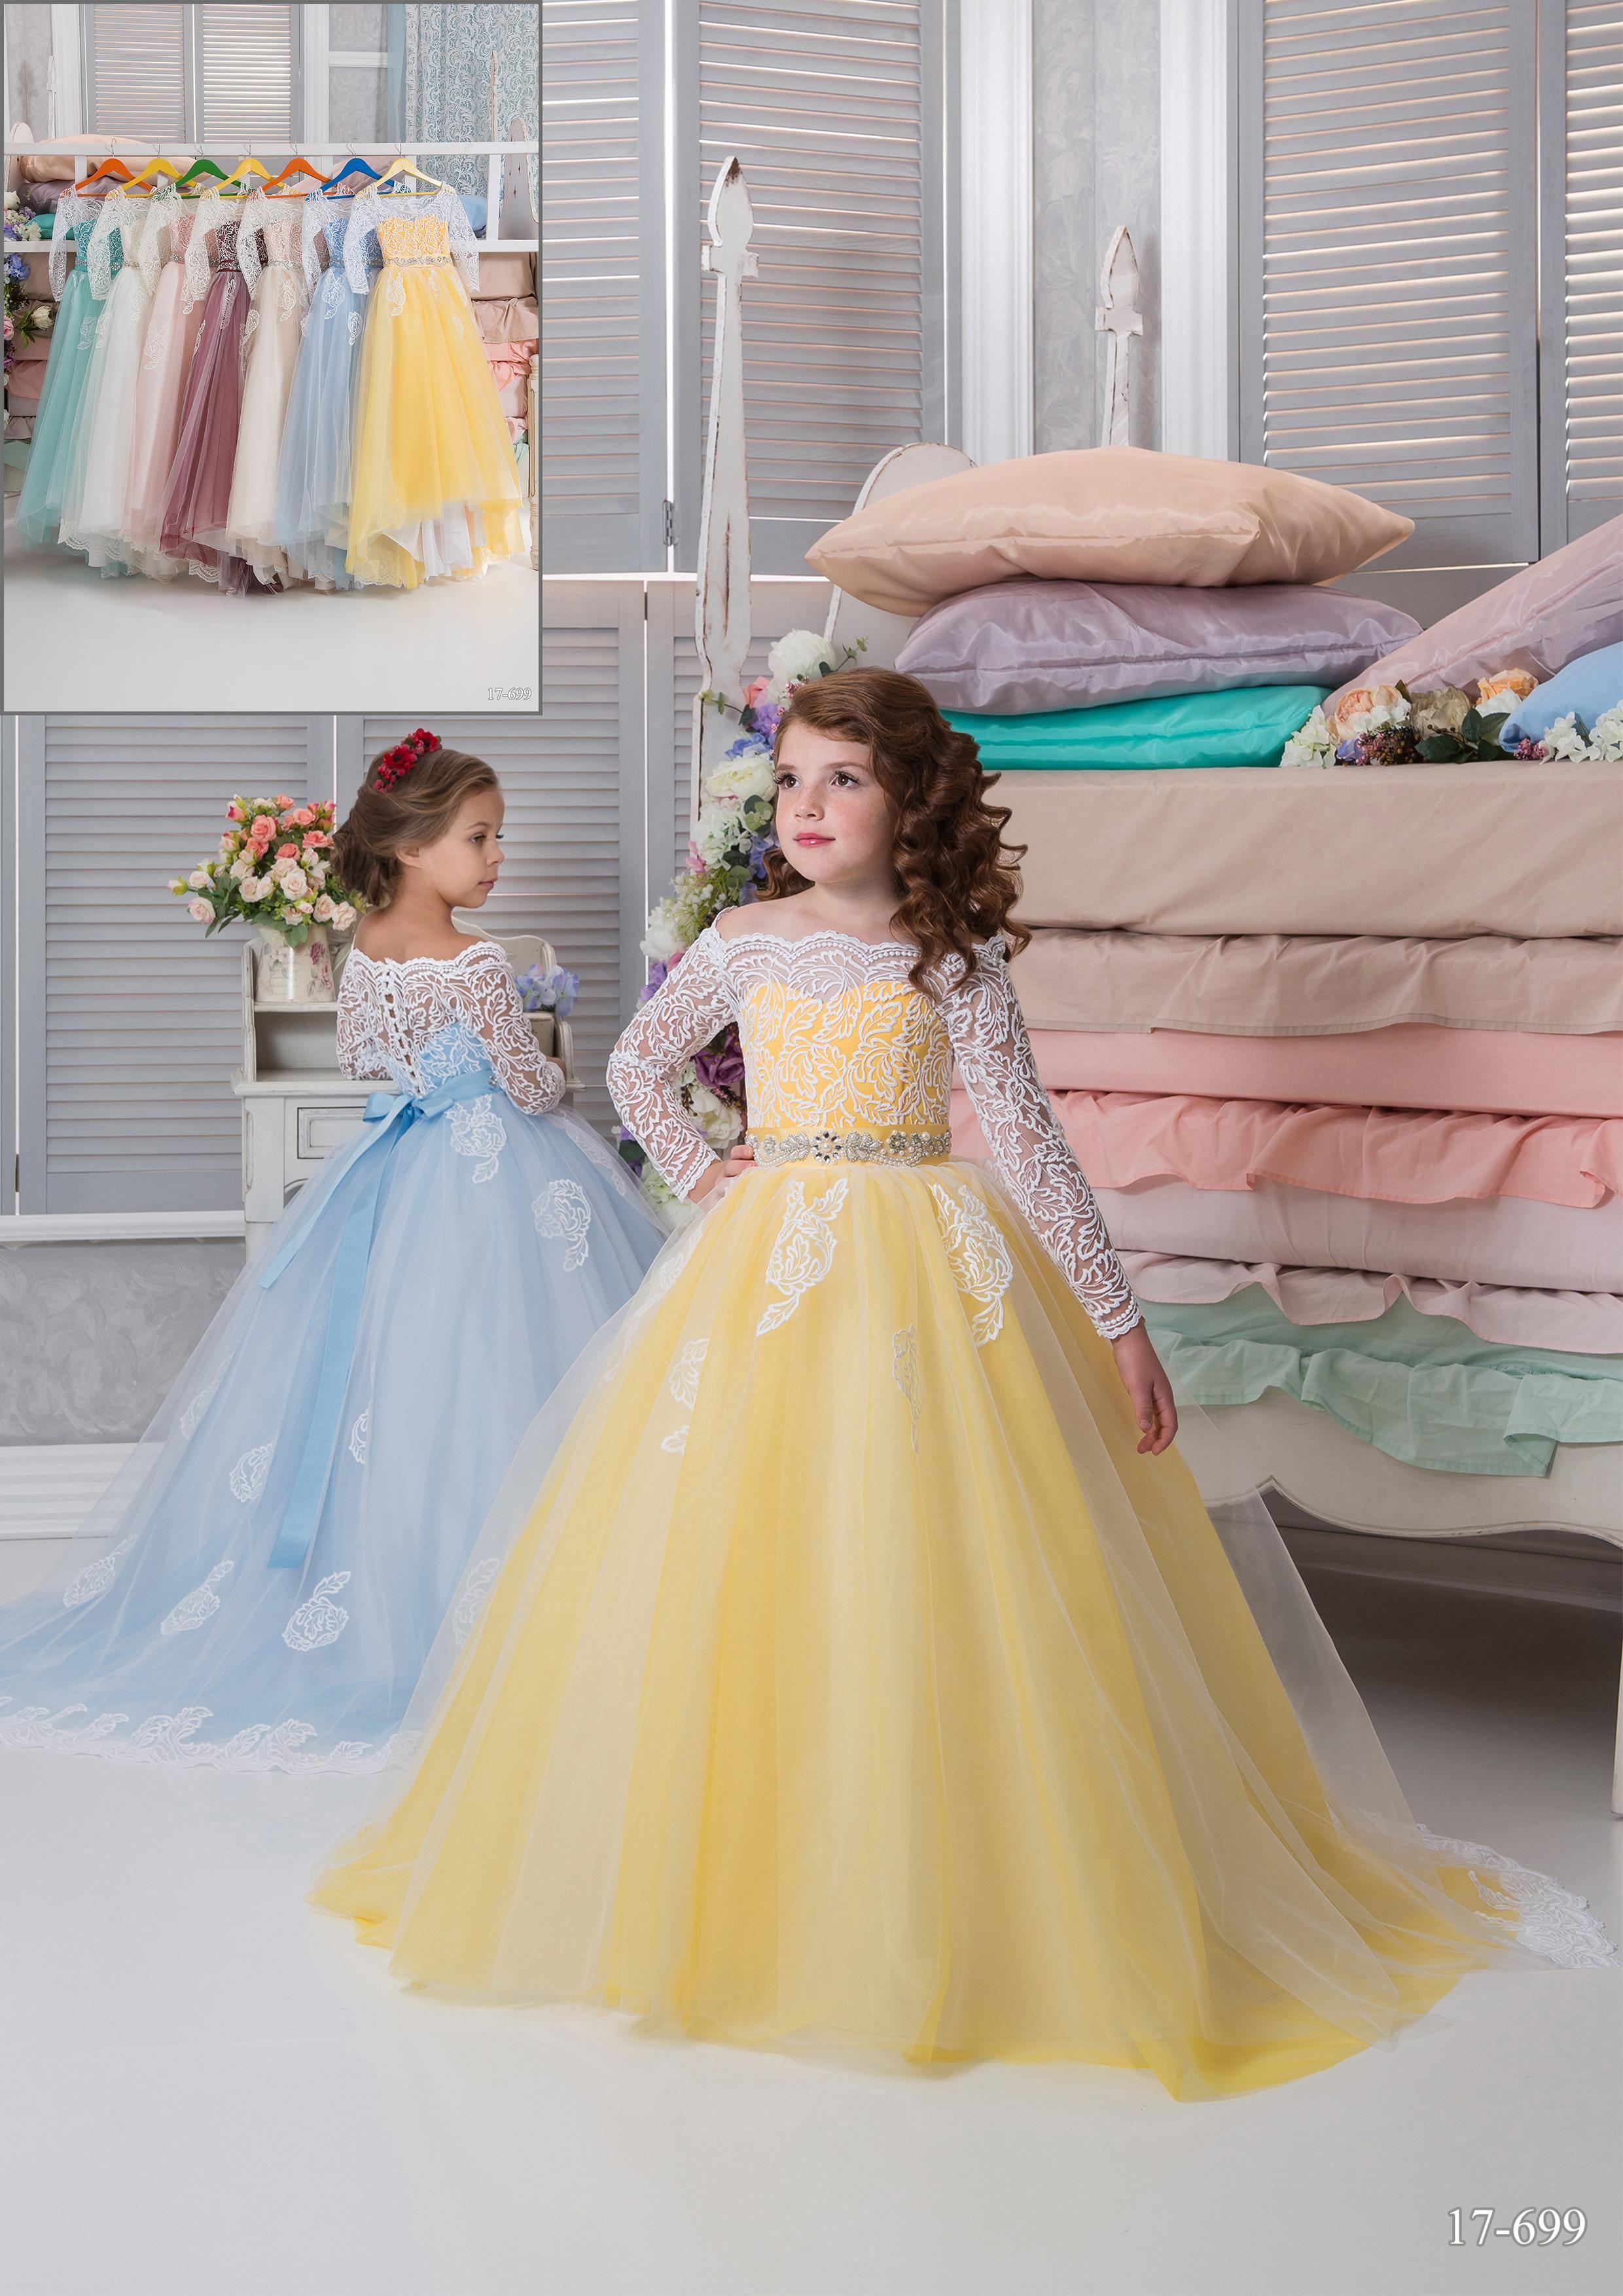 91246415c91d536 Купить Нарядное детское платье. Цена, фото, отзывы -> Детские нарядные  платья В